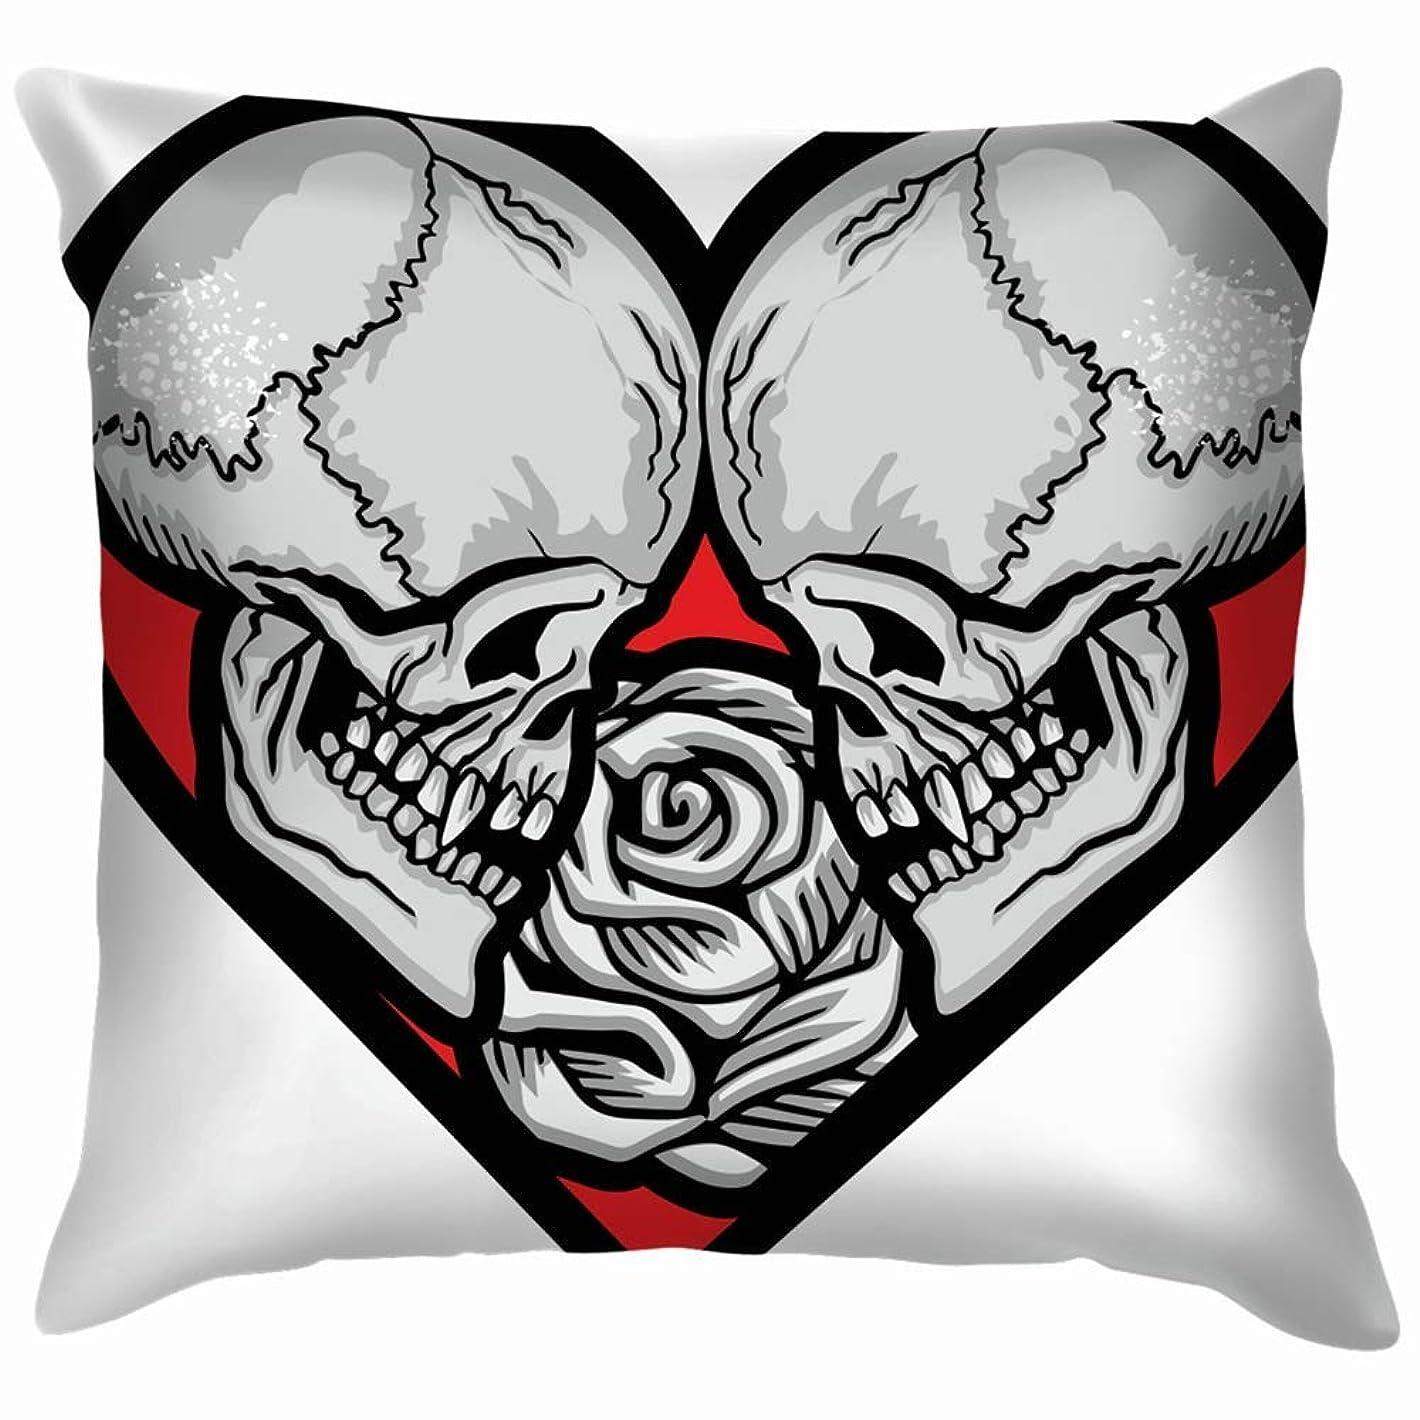 二十思いやり俳優バレンタインスカルハートグランジヴィンテージデザインスロー枕カバーホームソファクッションカバー枕ギフト45x45 cm